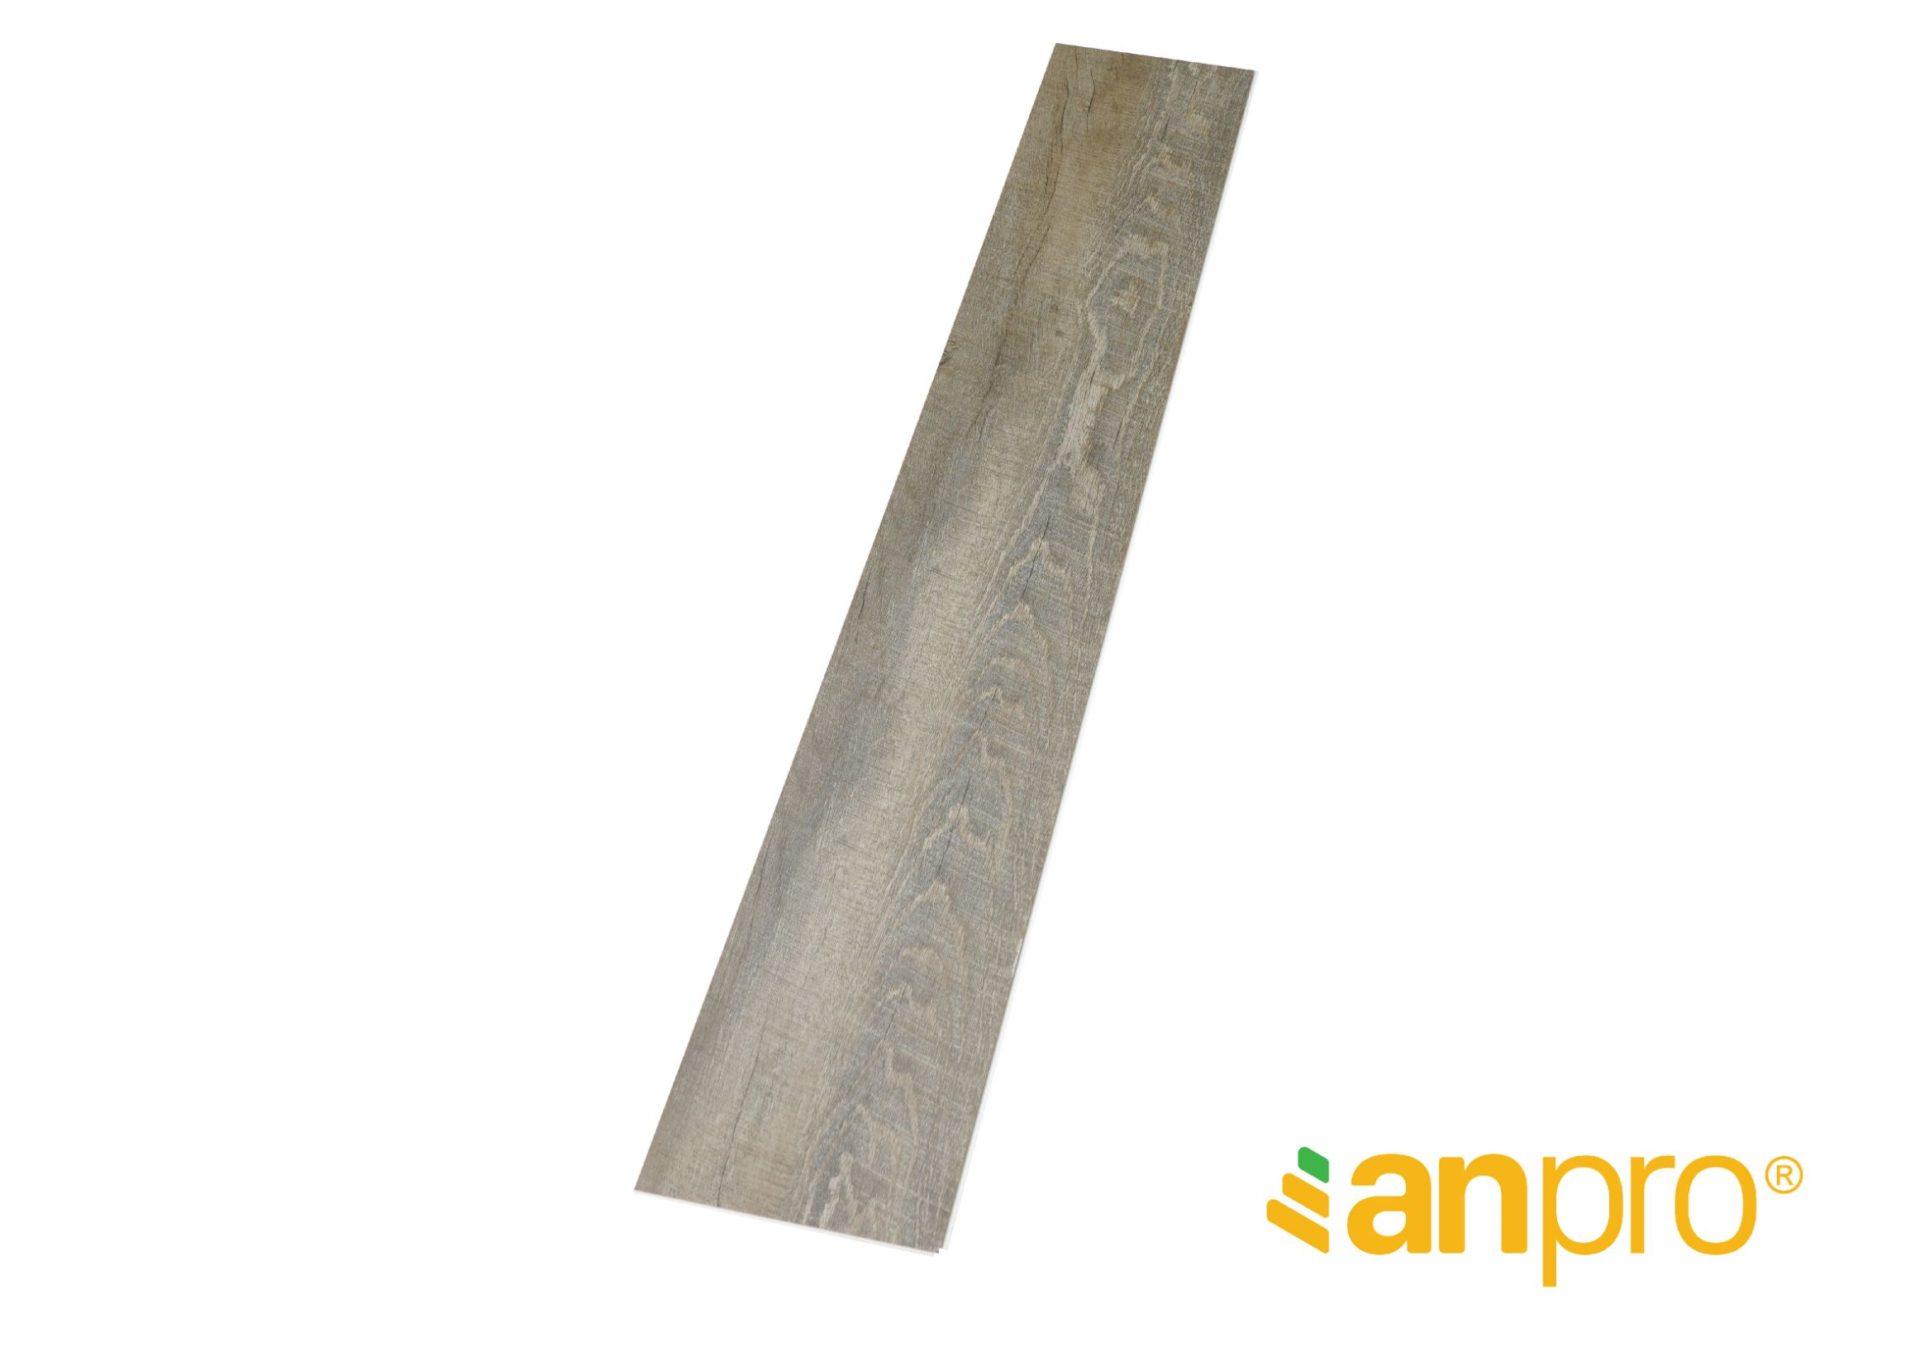 SA138 01 01 - Sàn AnPro vân gỗ SA138